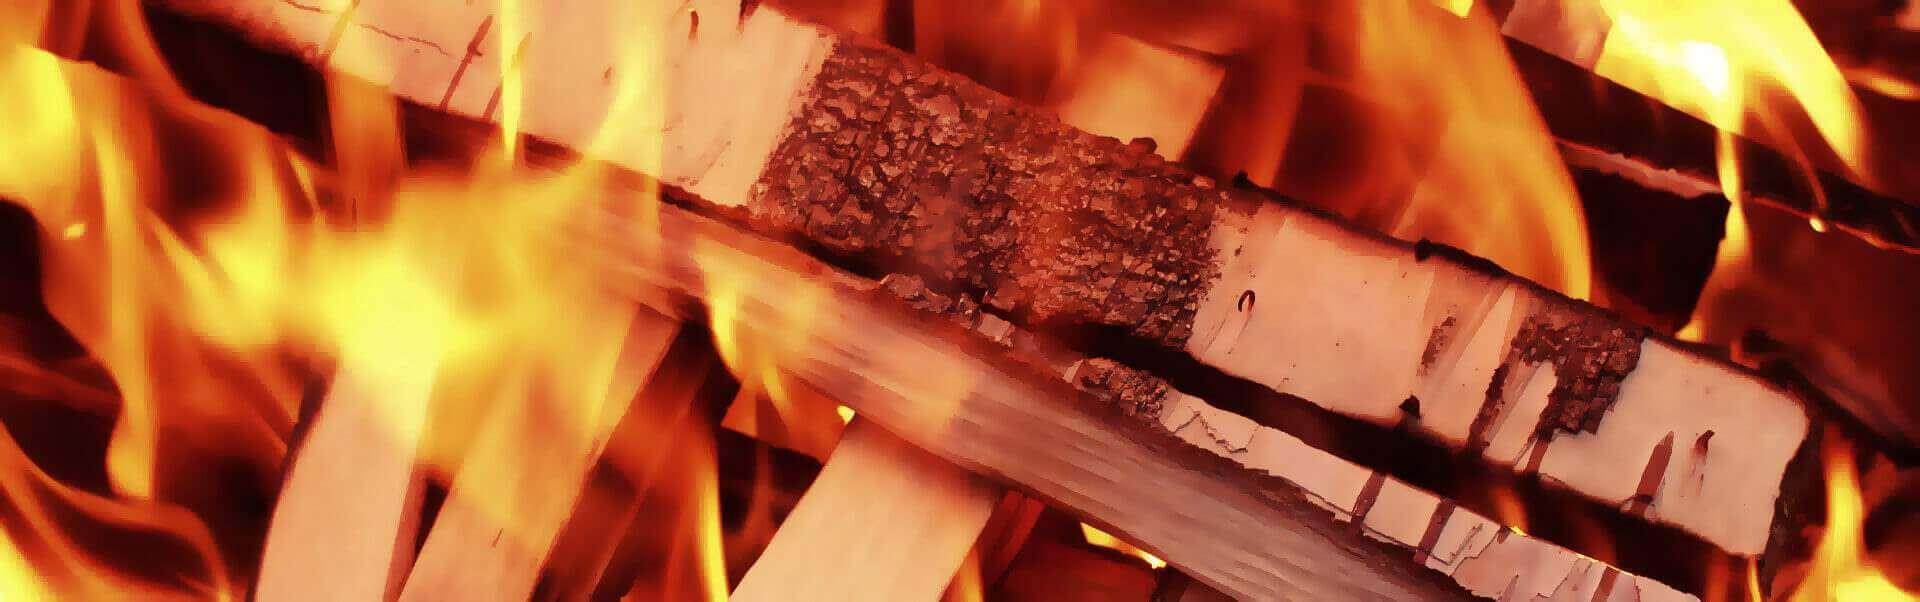 Brennholz Header Bild